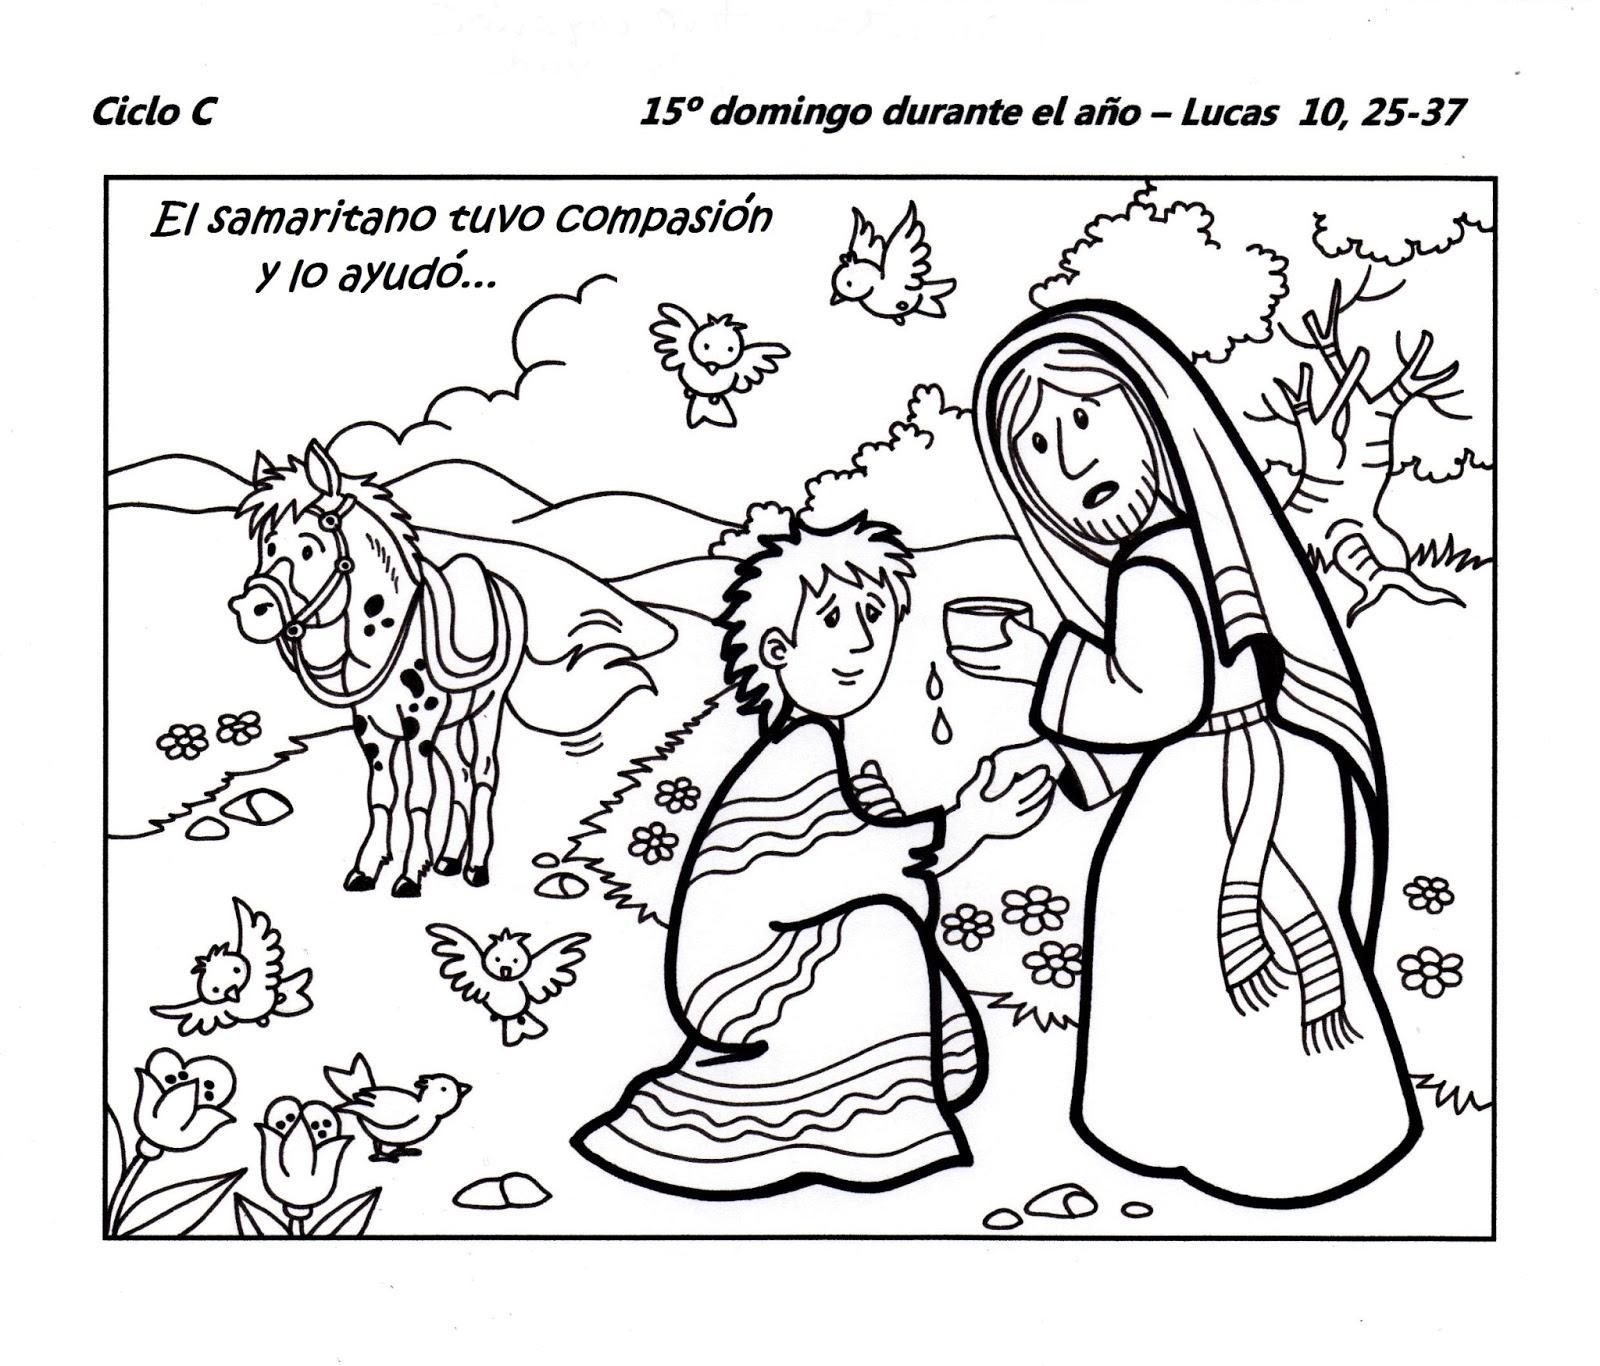 El Rincón de las Melli: 15º Domingo durante el año - CICLO C